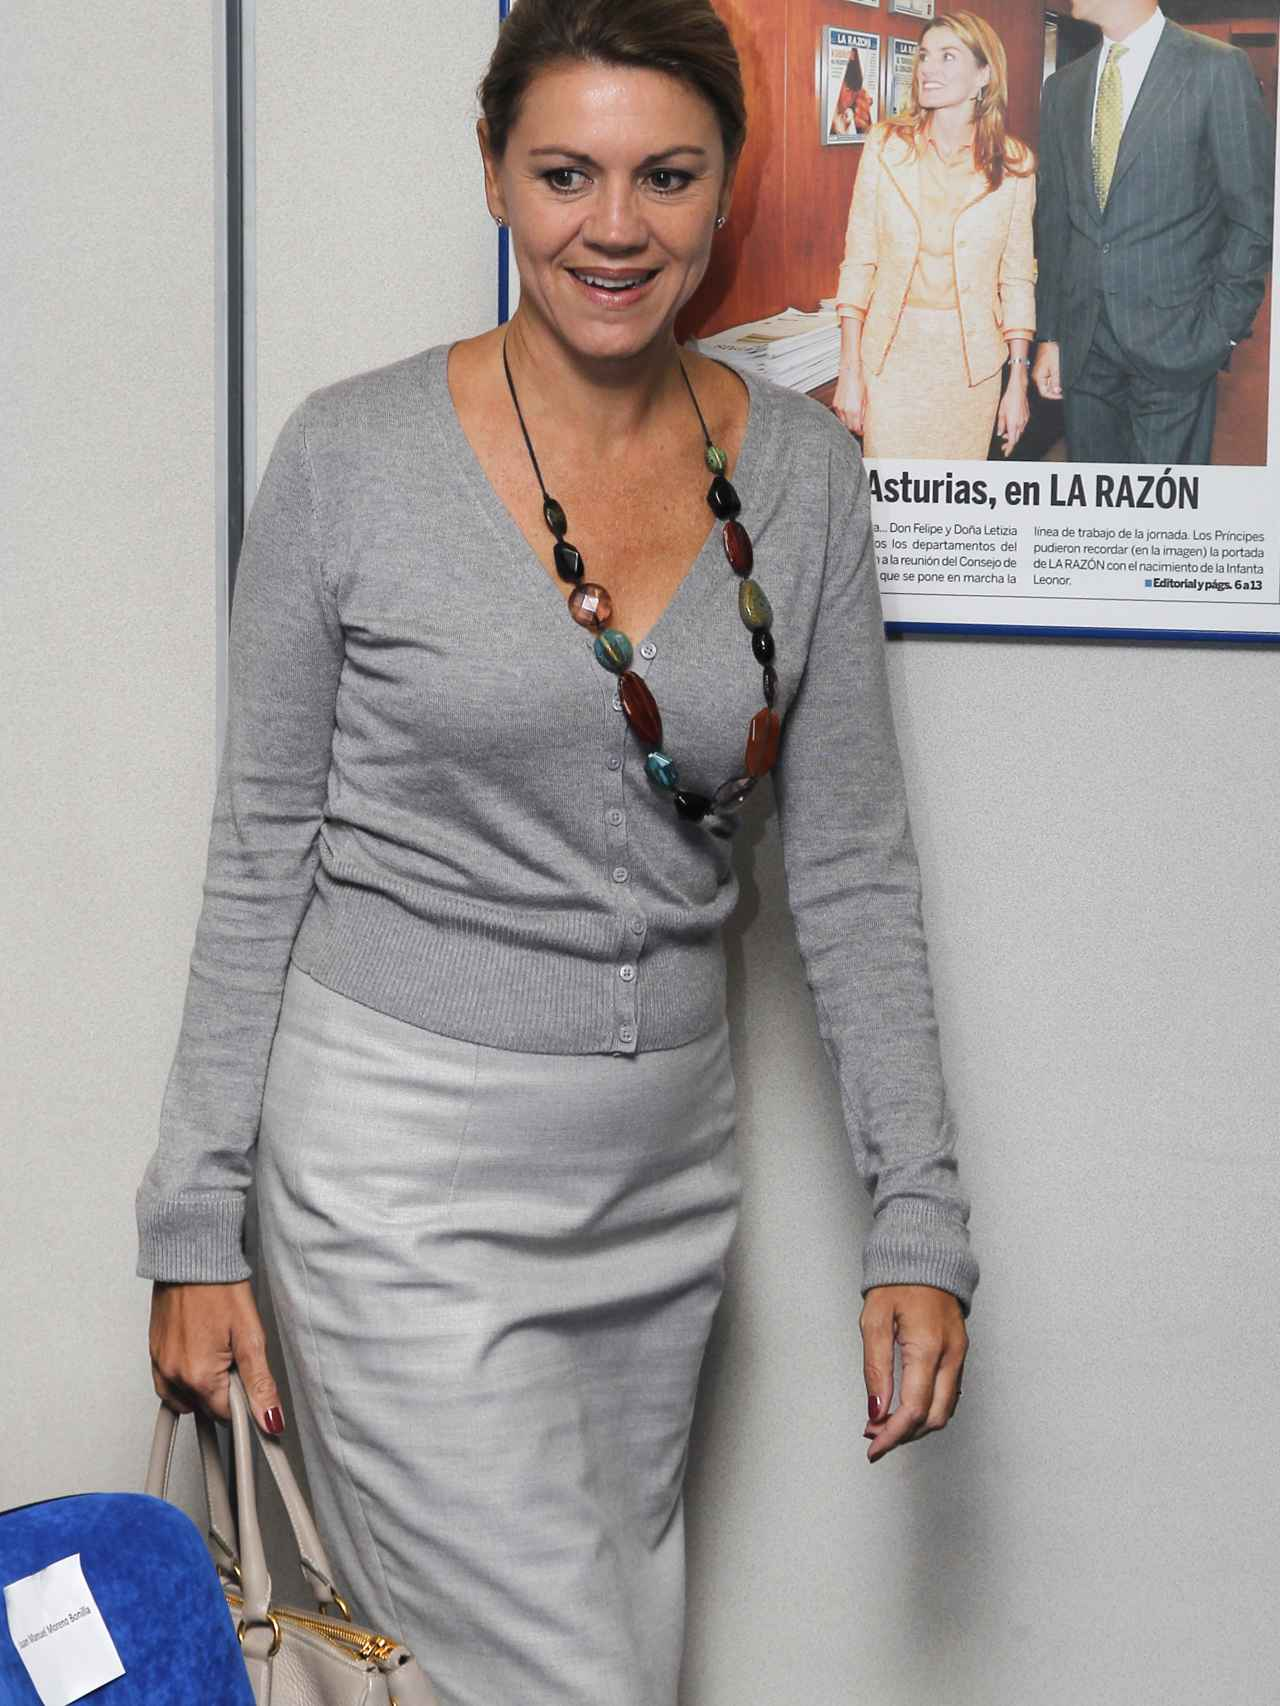 María Dolores de Cospedal en un acto en 2007 vestida con un look más informal.